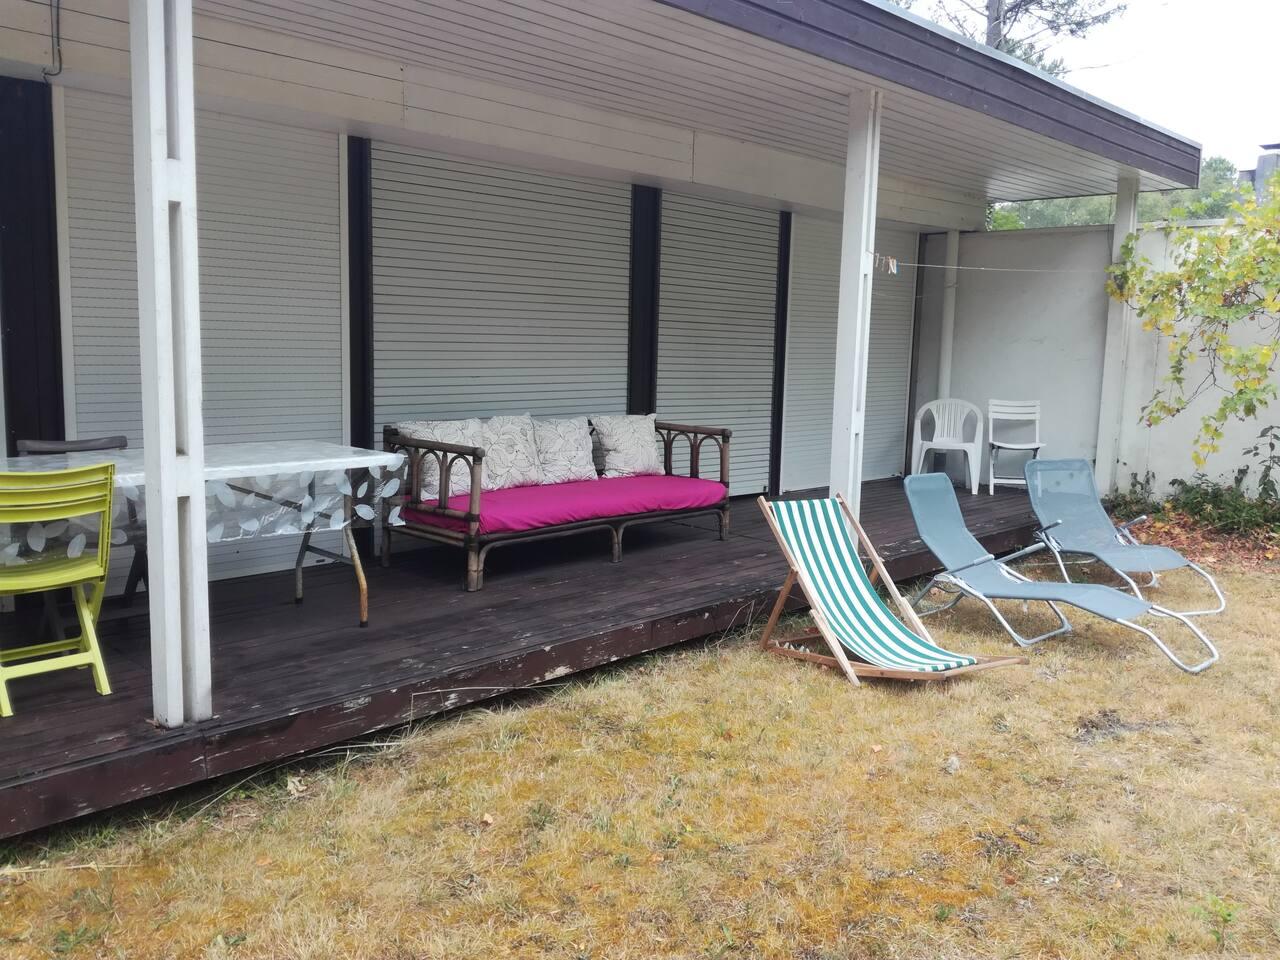 terrasse couverte pour les repas. Repos au jardin.